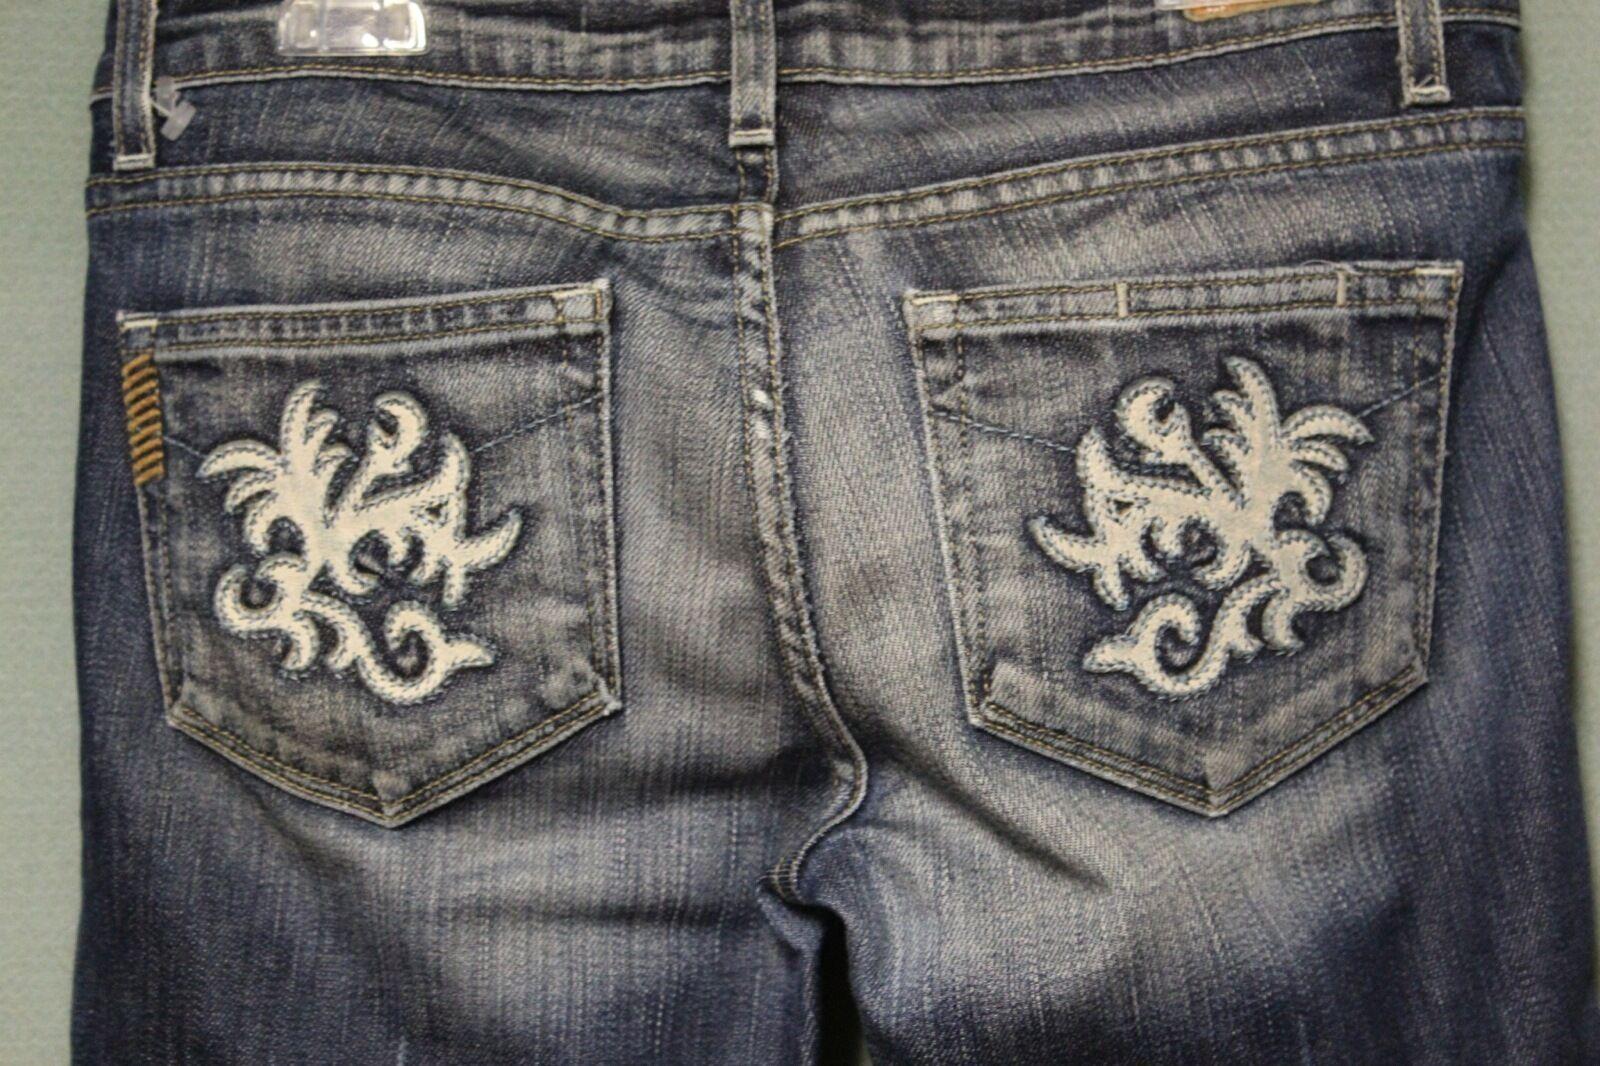 Paige Premium Denim Benedict Canyon Jeans size 27